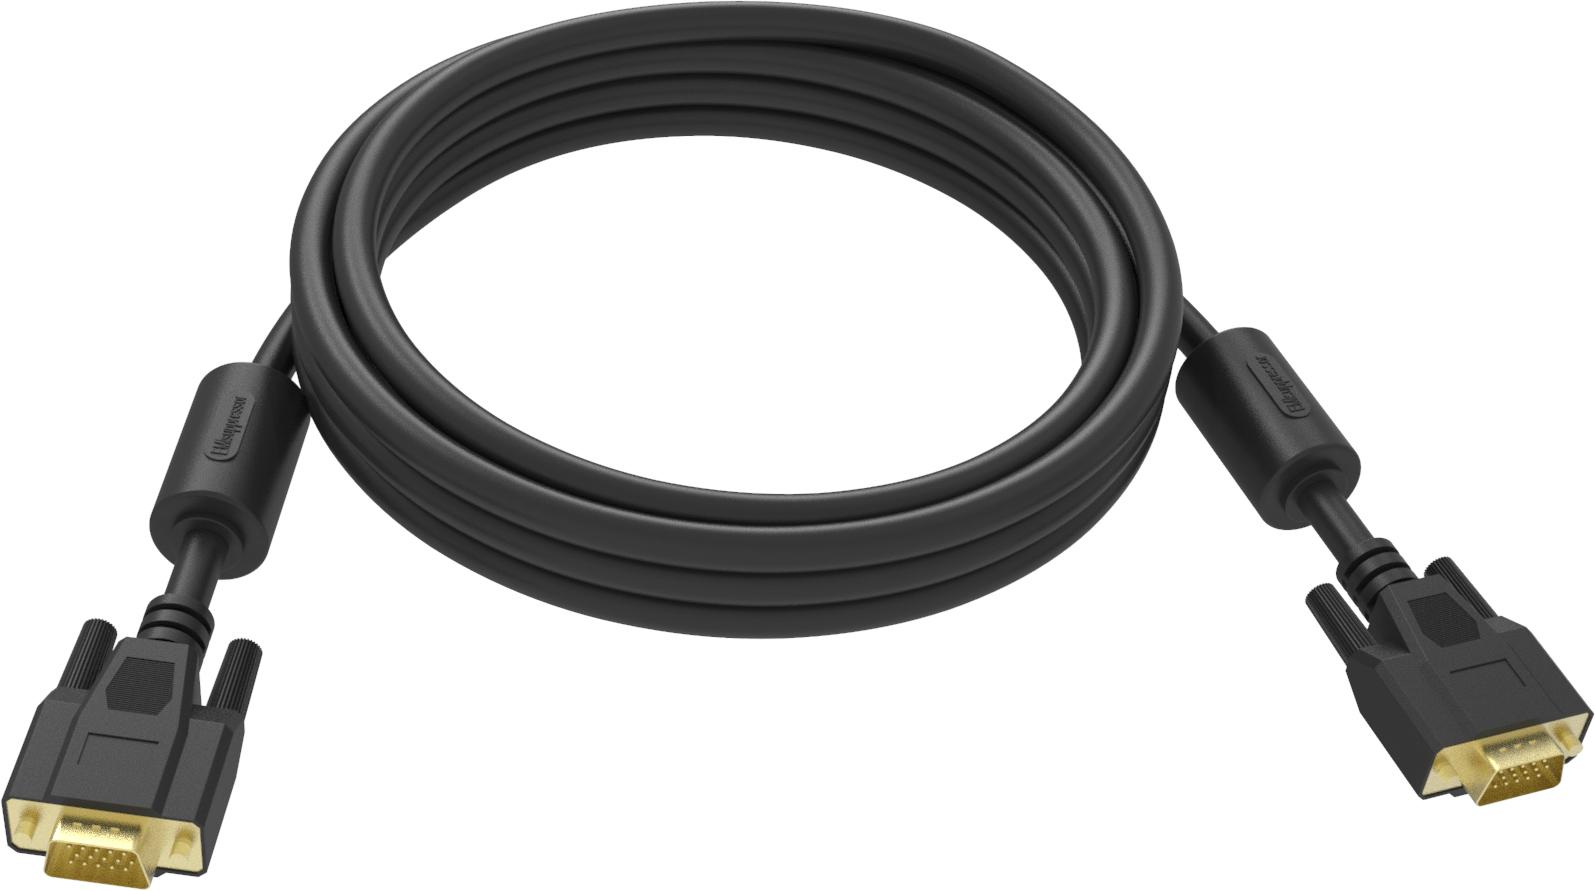 Vision TC 15MVGAP/BL cable VGA 15 m VGA (D-Sub) Negro